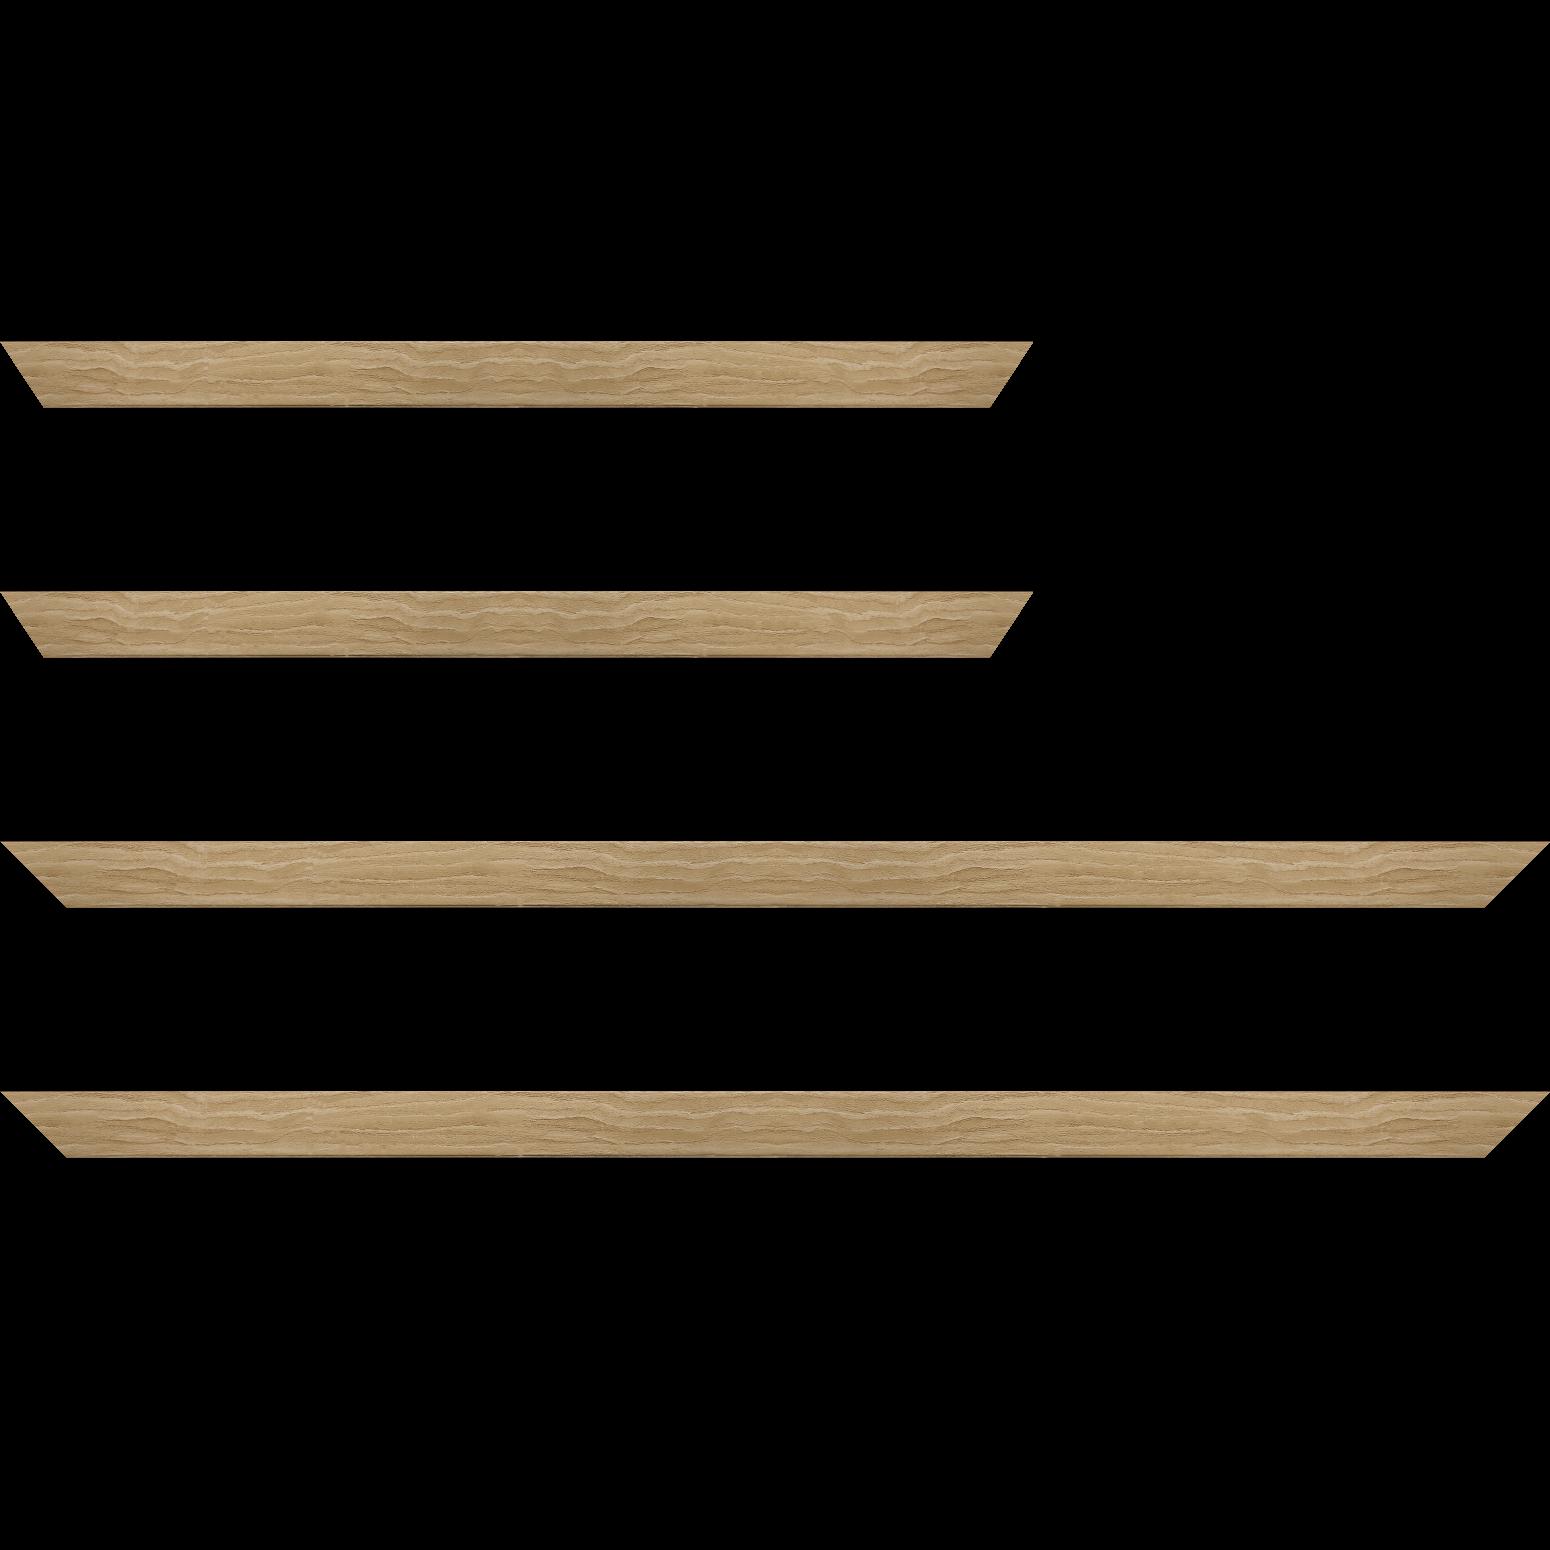 Baguette service précoupé Bois profil plat largeur 2.6cm hauteur 5cm décor bois naturel